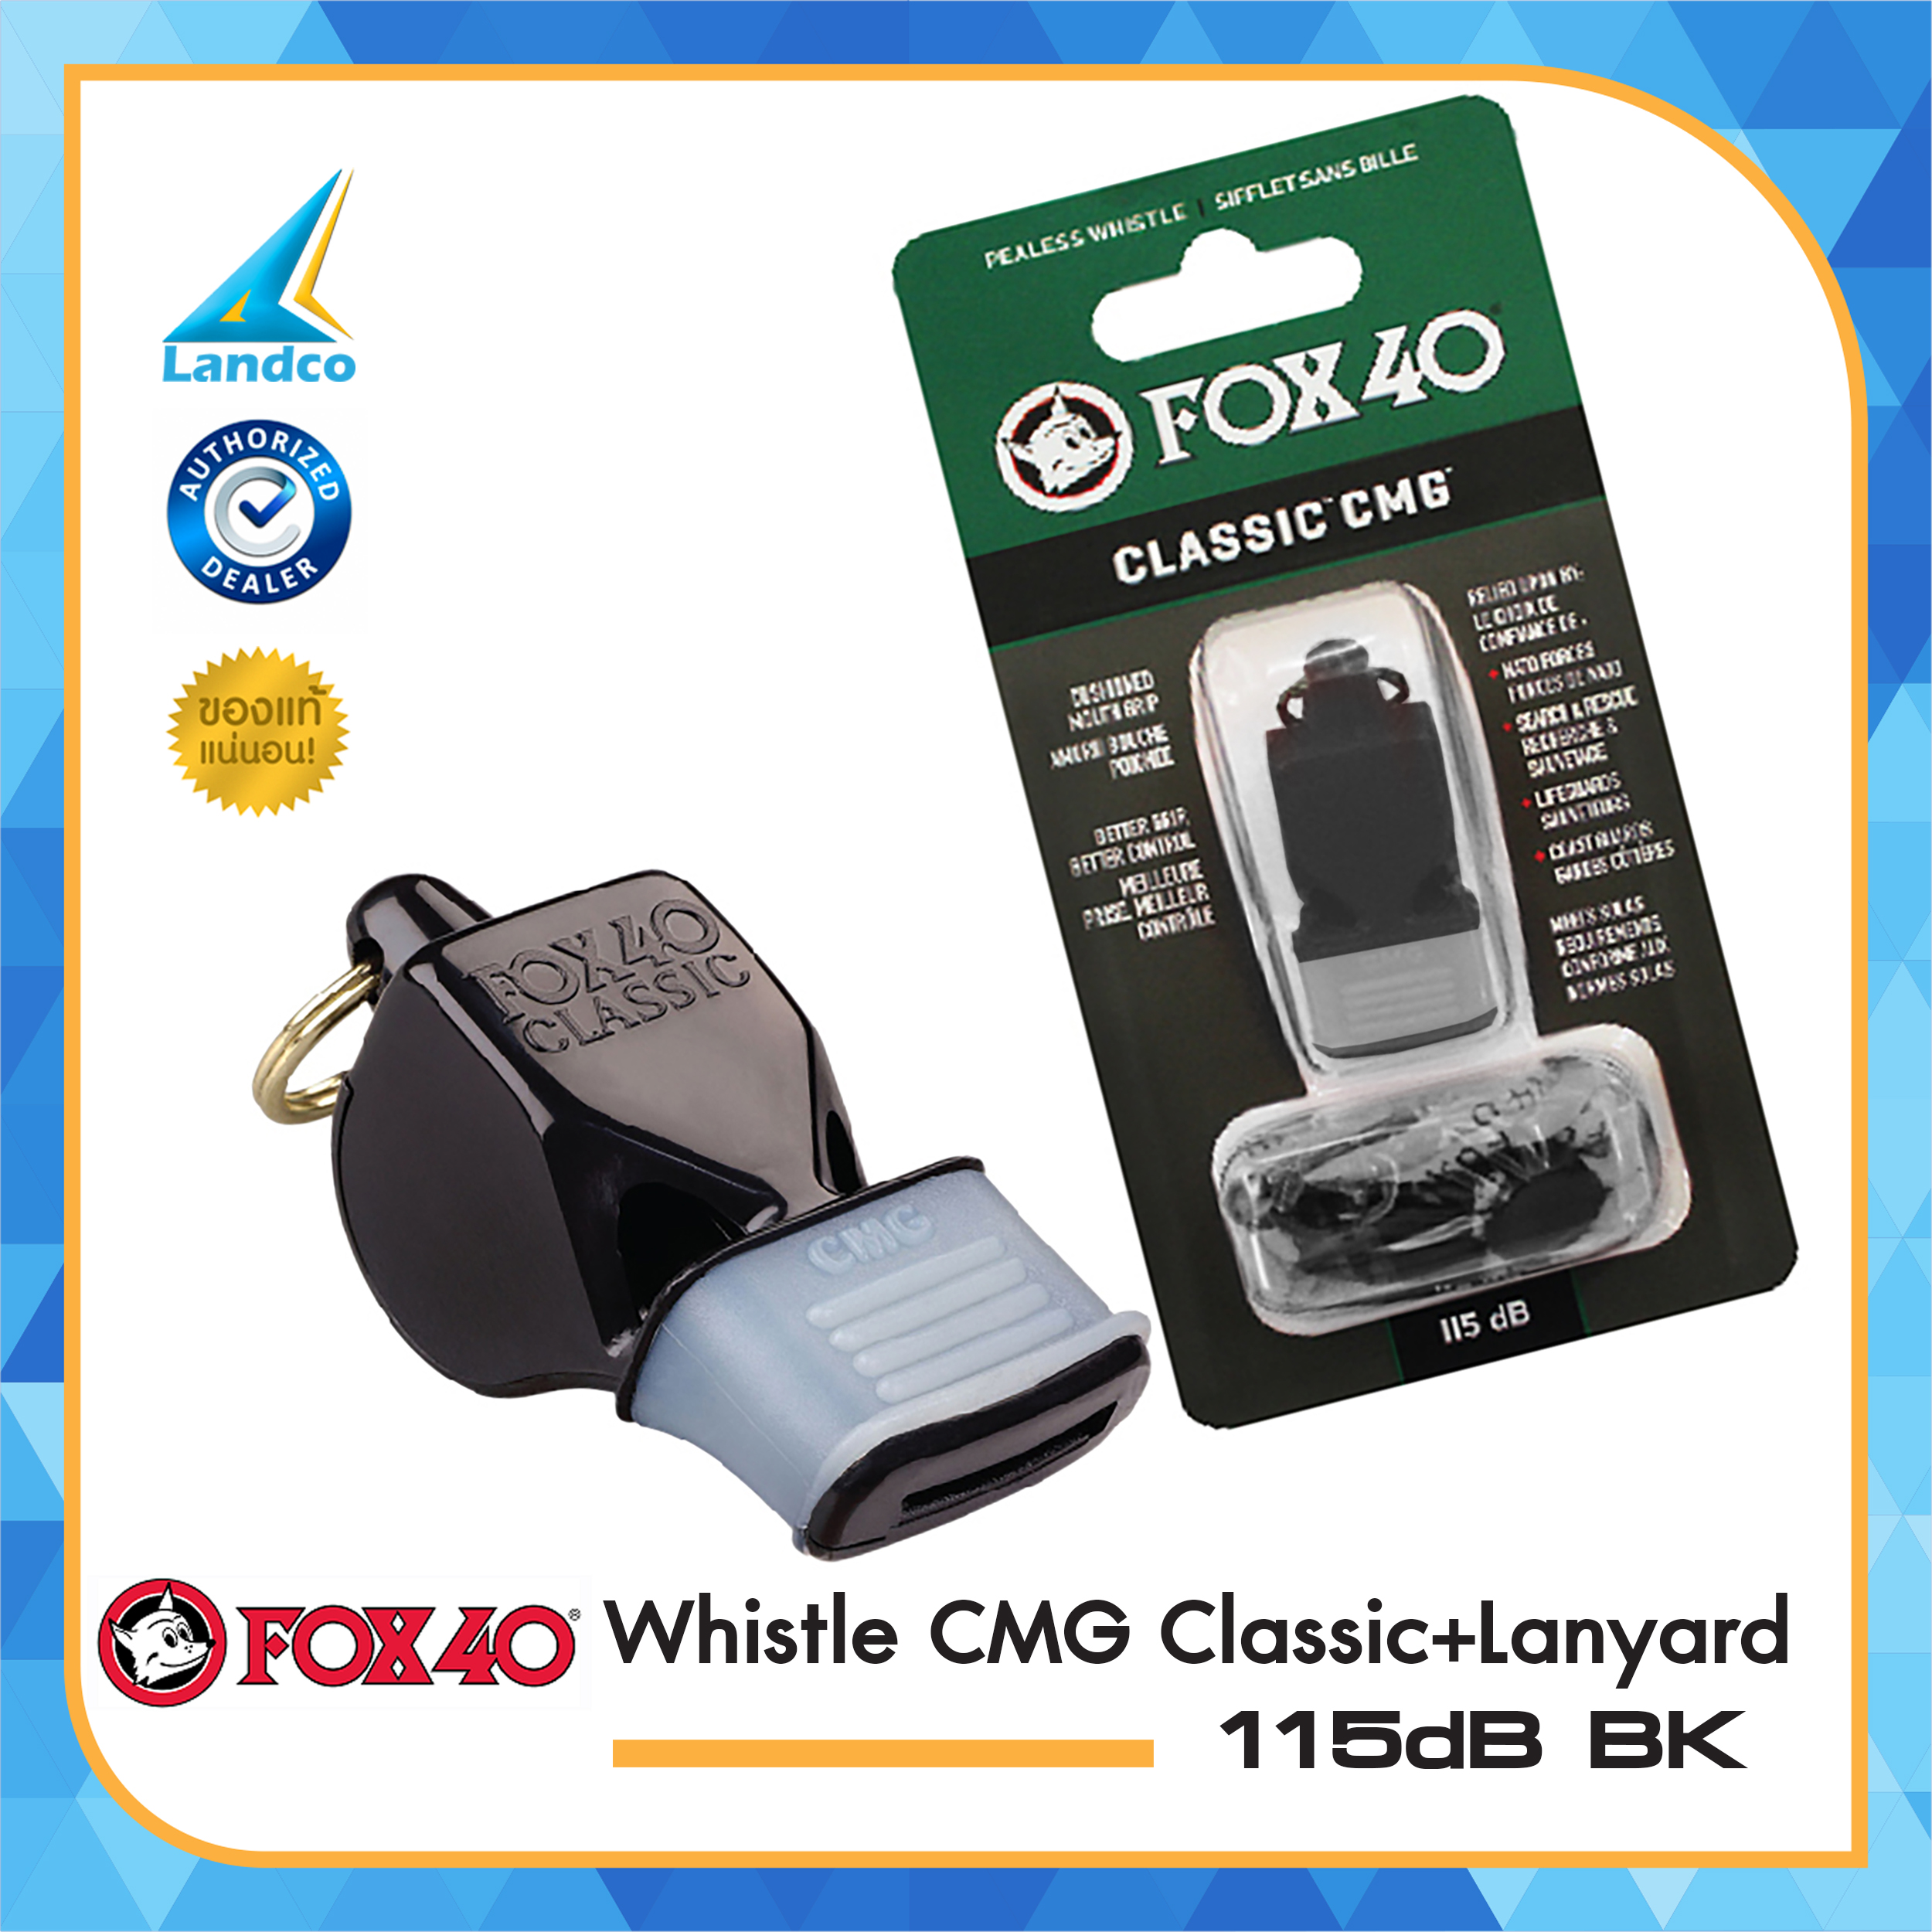 นกหวีดfox 40 Whistle Cmg Classic+lanyard 115db Bk(410).